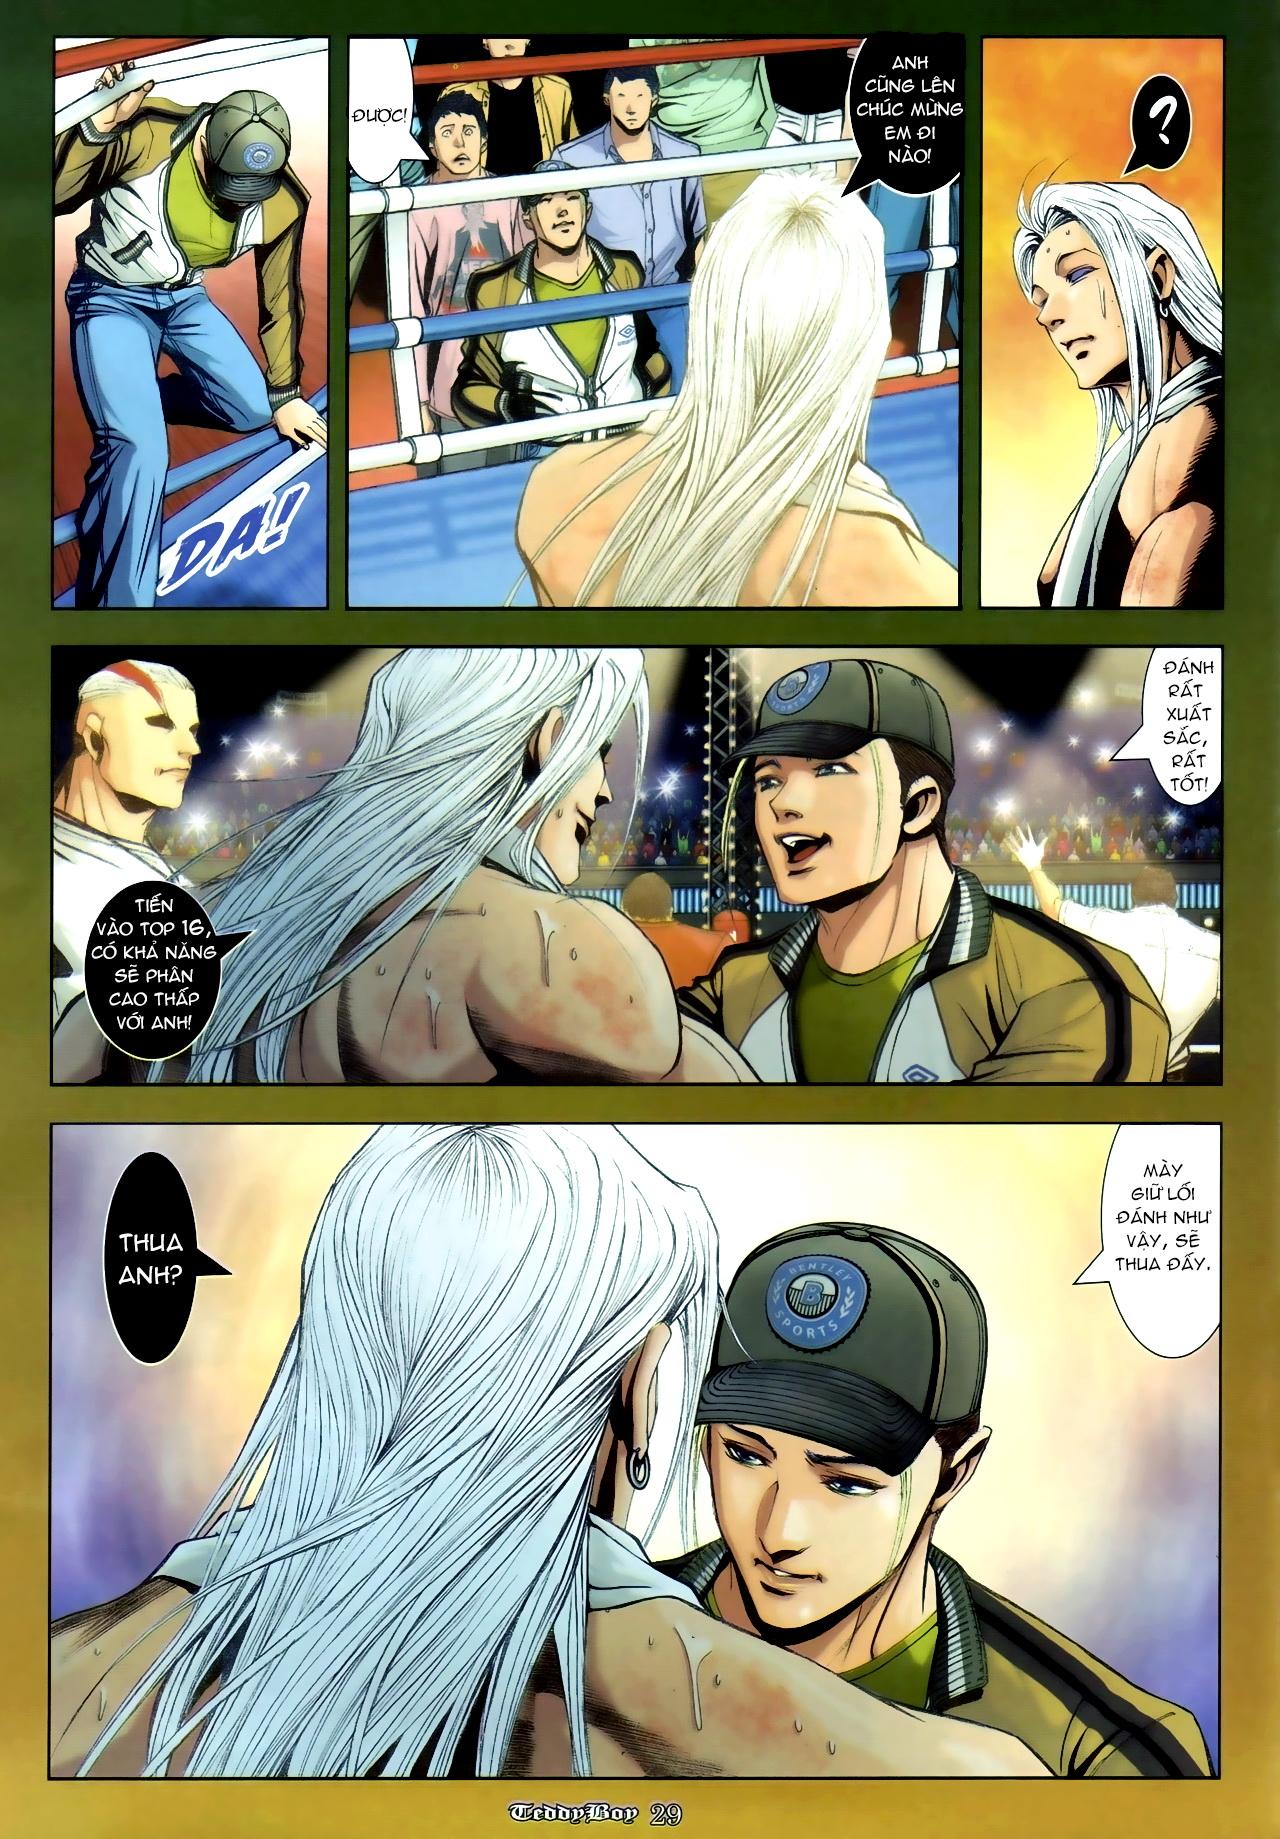 Người Trong Giang Hồ NetTruyen chap 907 - Trang 27